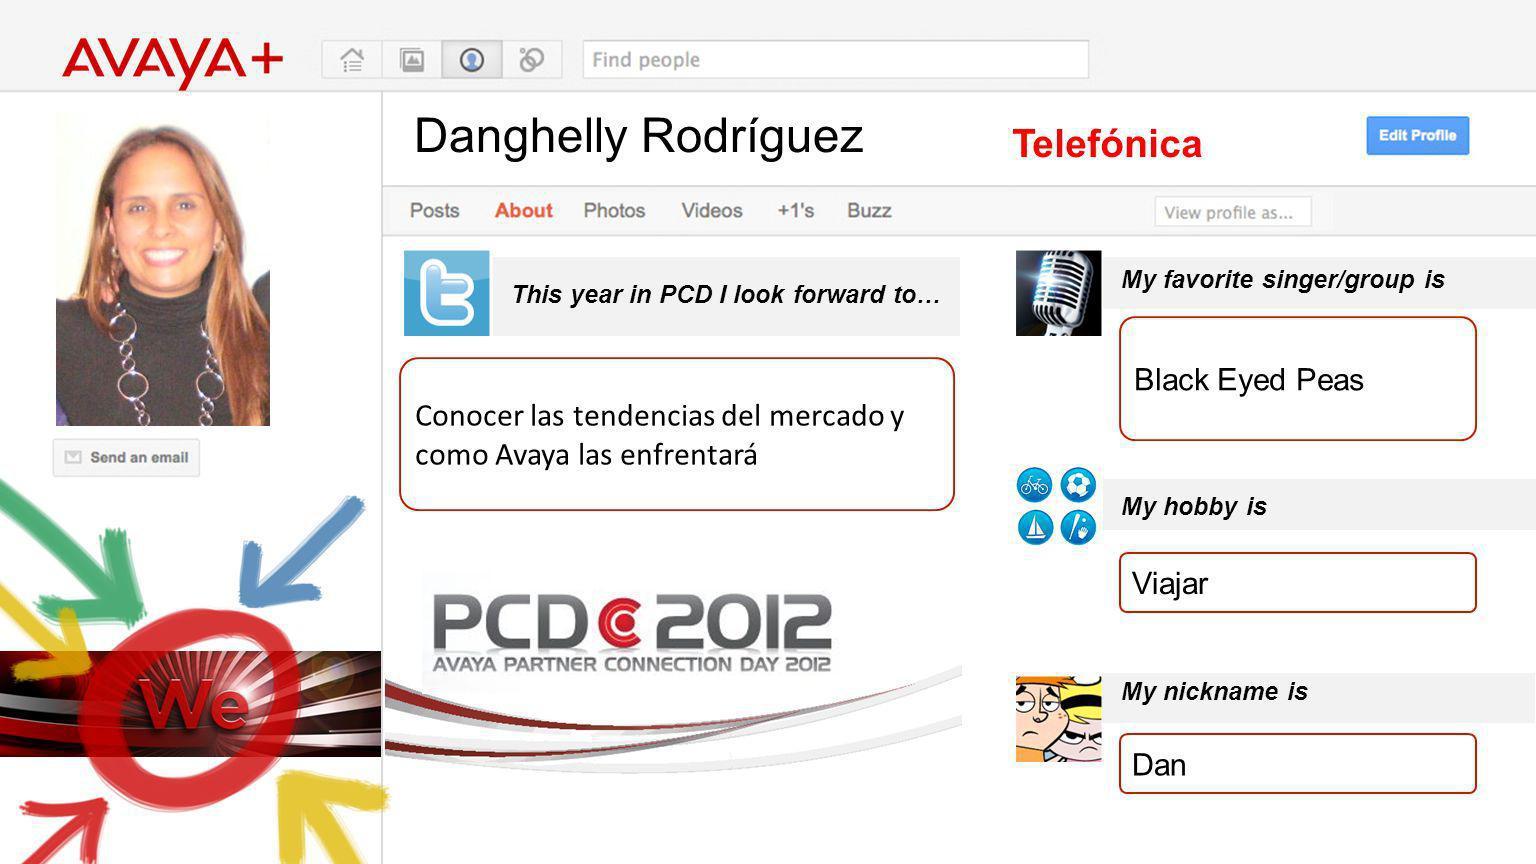 Danghelly Rodríguez This year in PCD I look forward to… Telefónica Conocer las tendencias del mercado y como Avaya las enfrentará My favorite singer/g